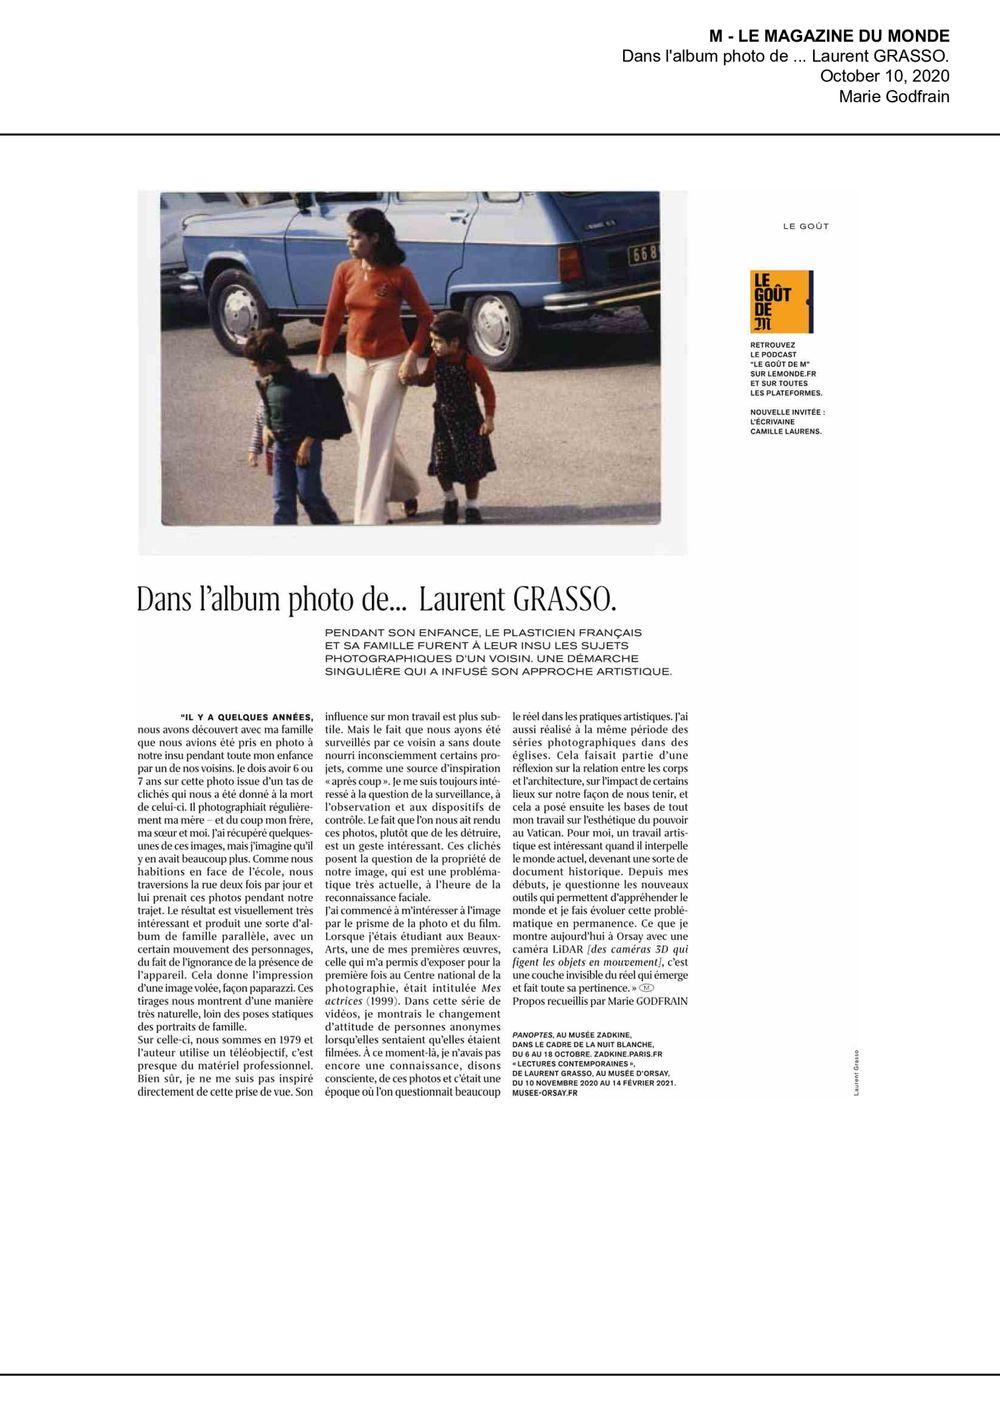 M le Magazine du Monde | Laurent GRASSO